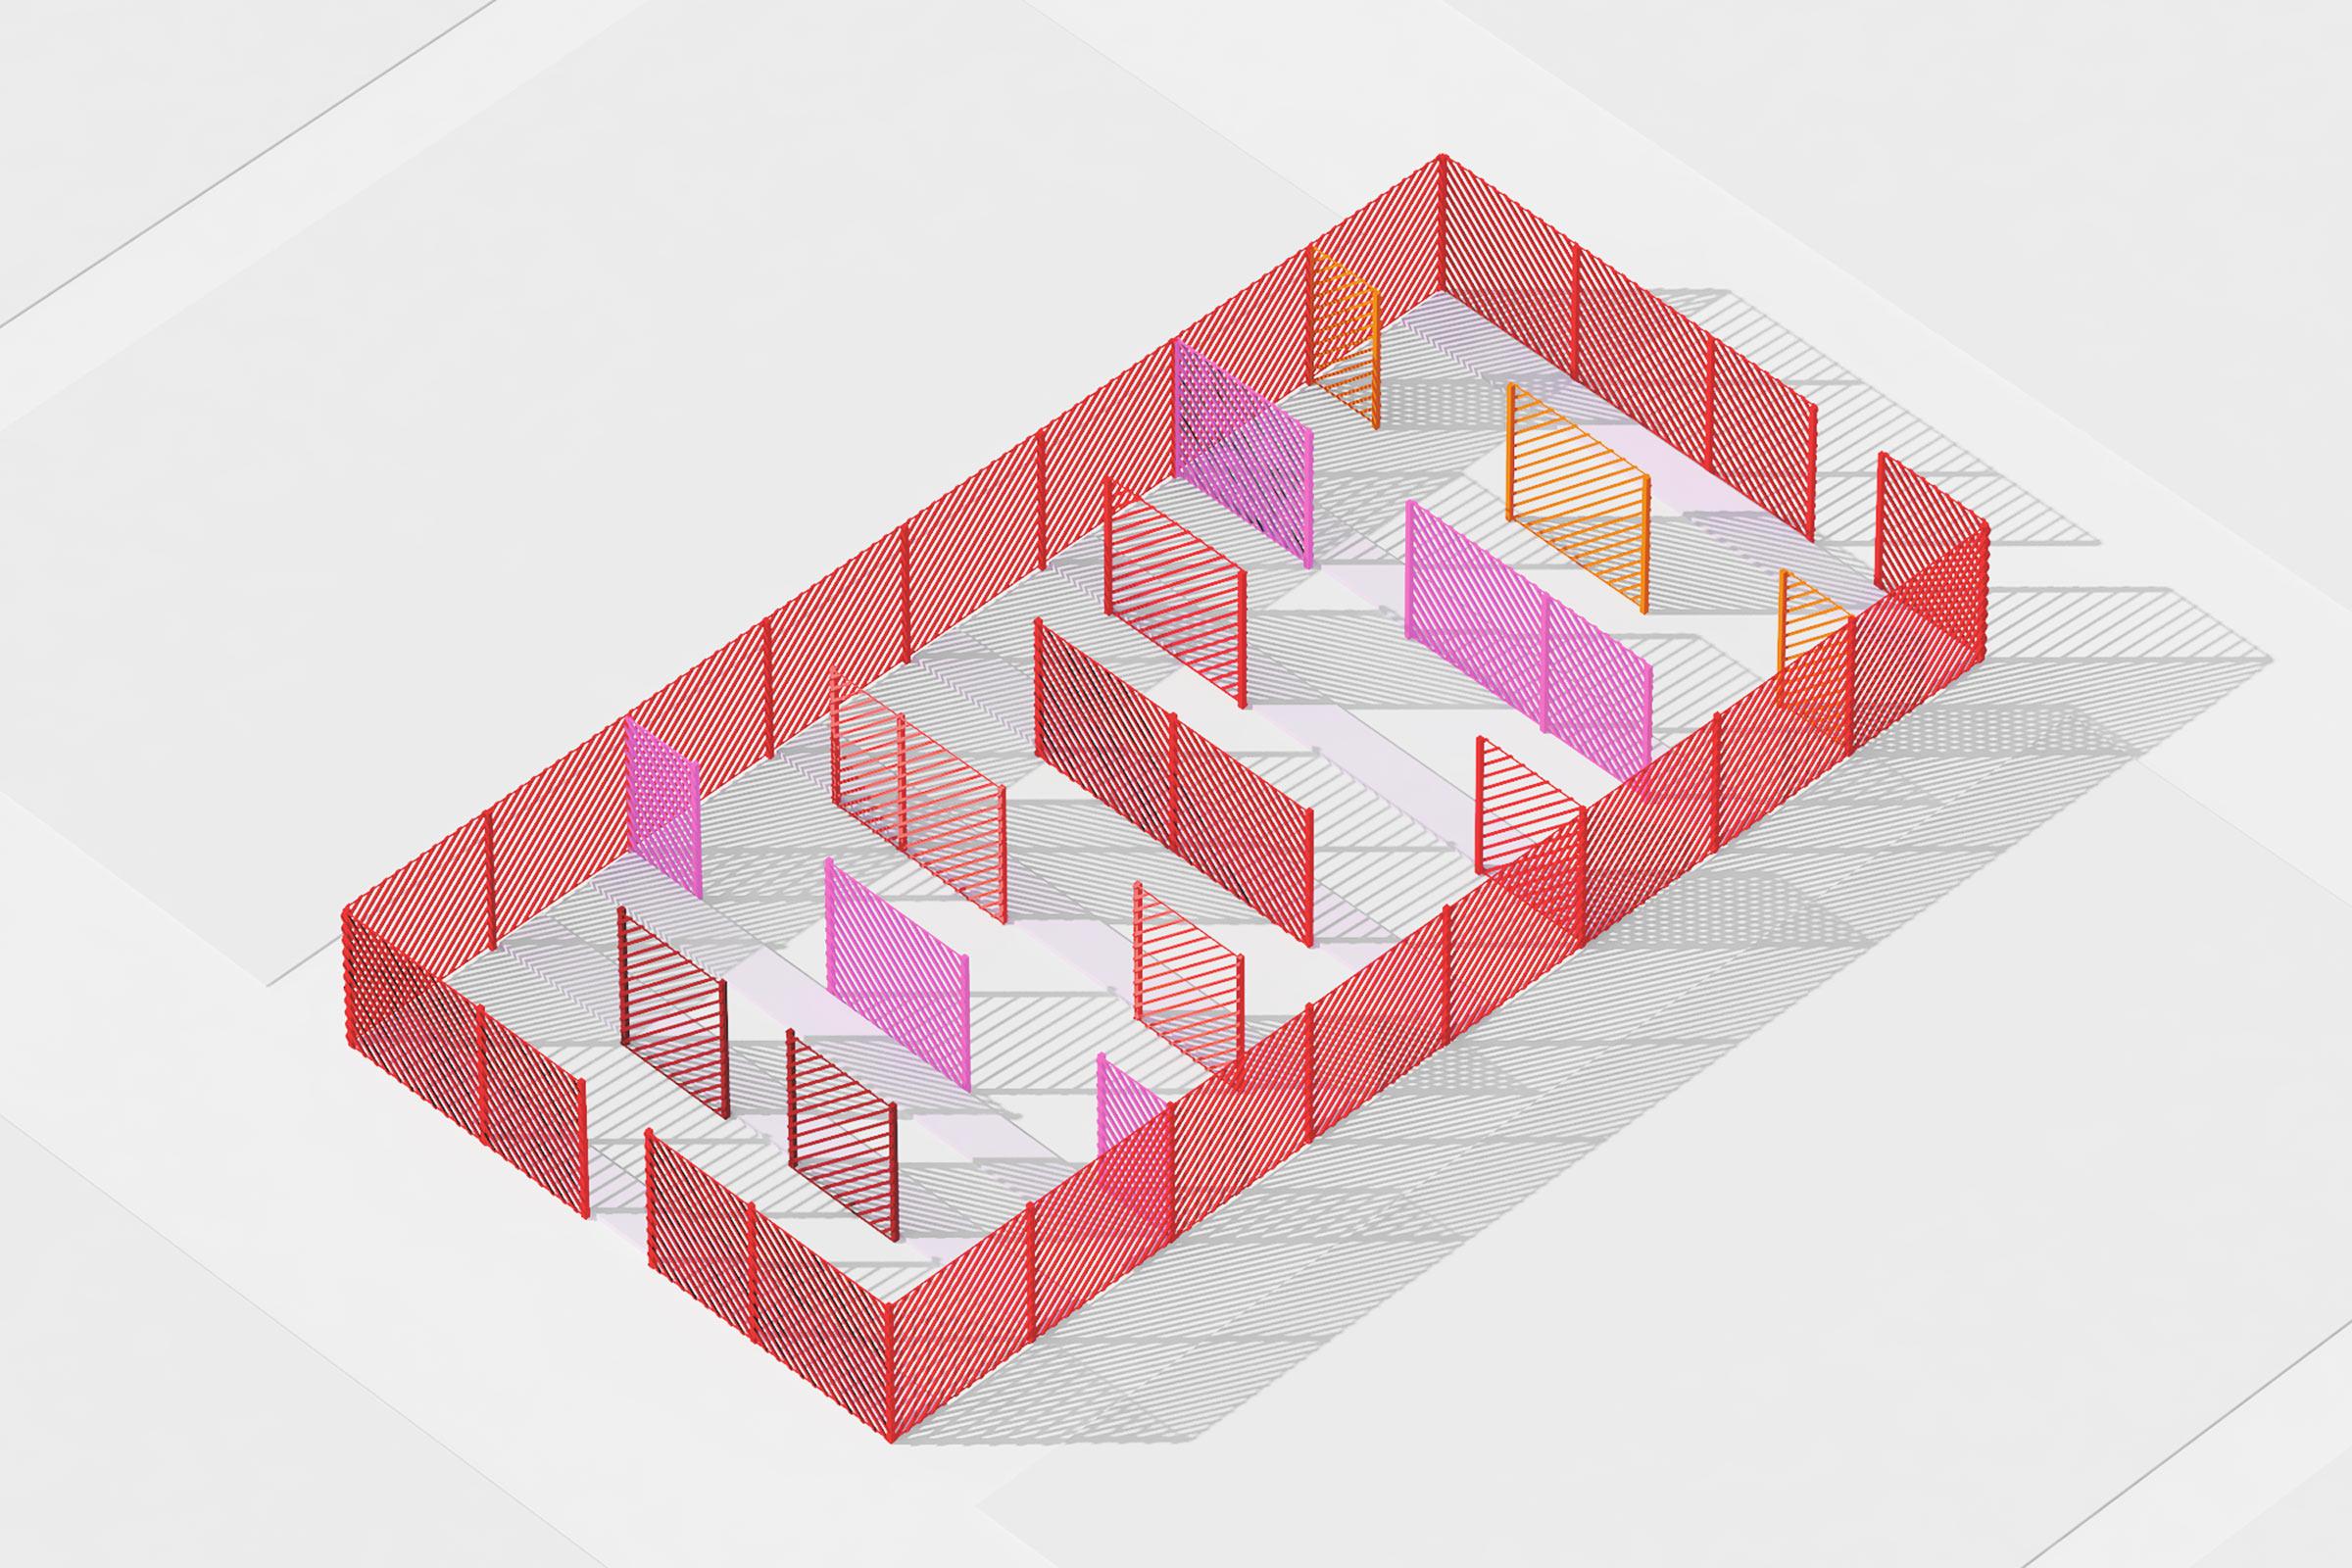 Jardins de Métis. Isometric rendering